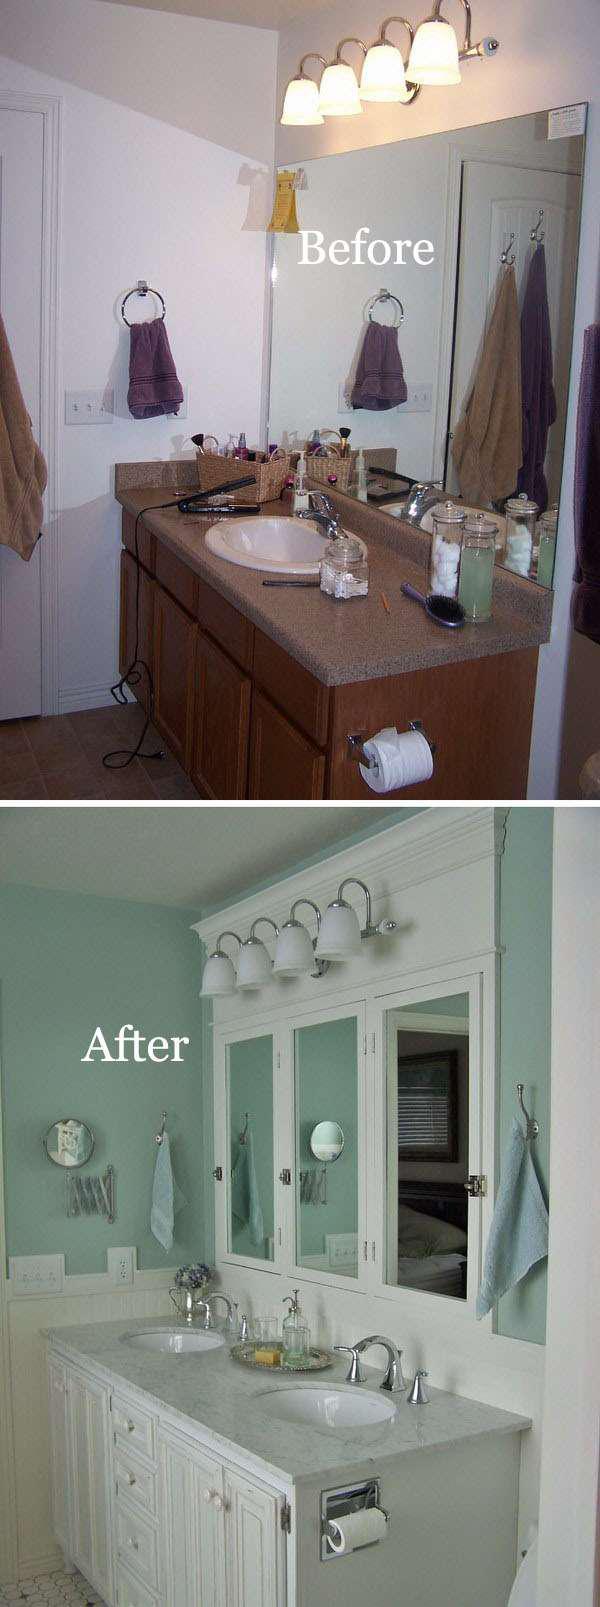 image15-22 | 16 идей преображения старой ванной комнаты